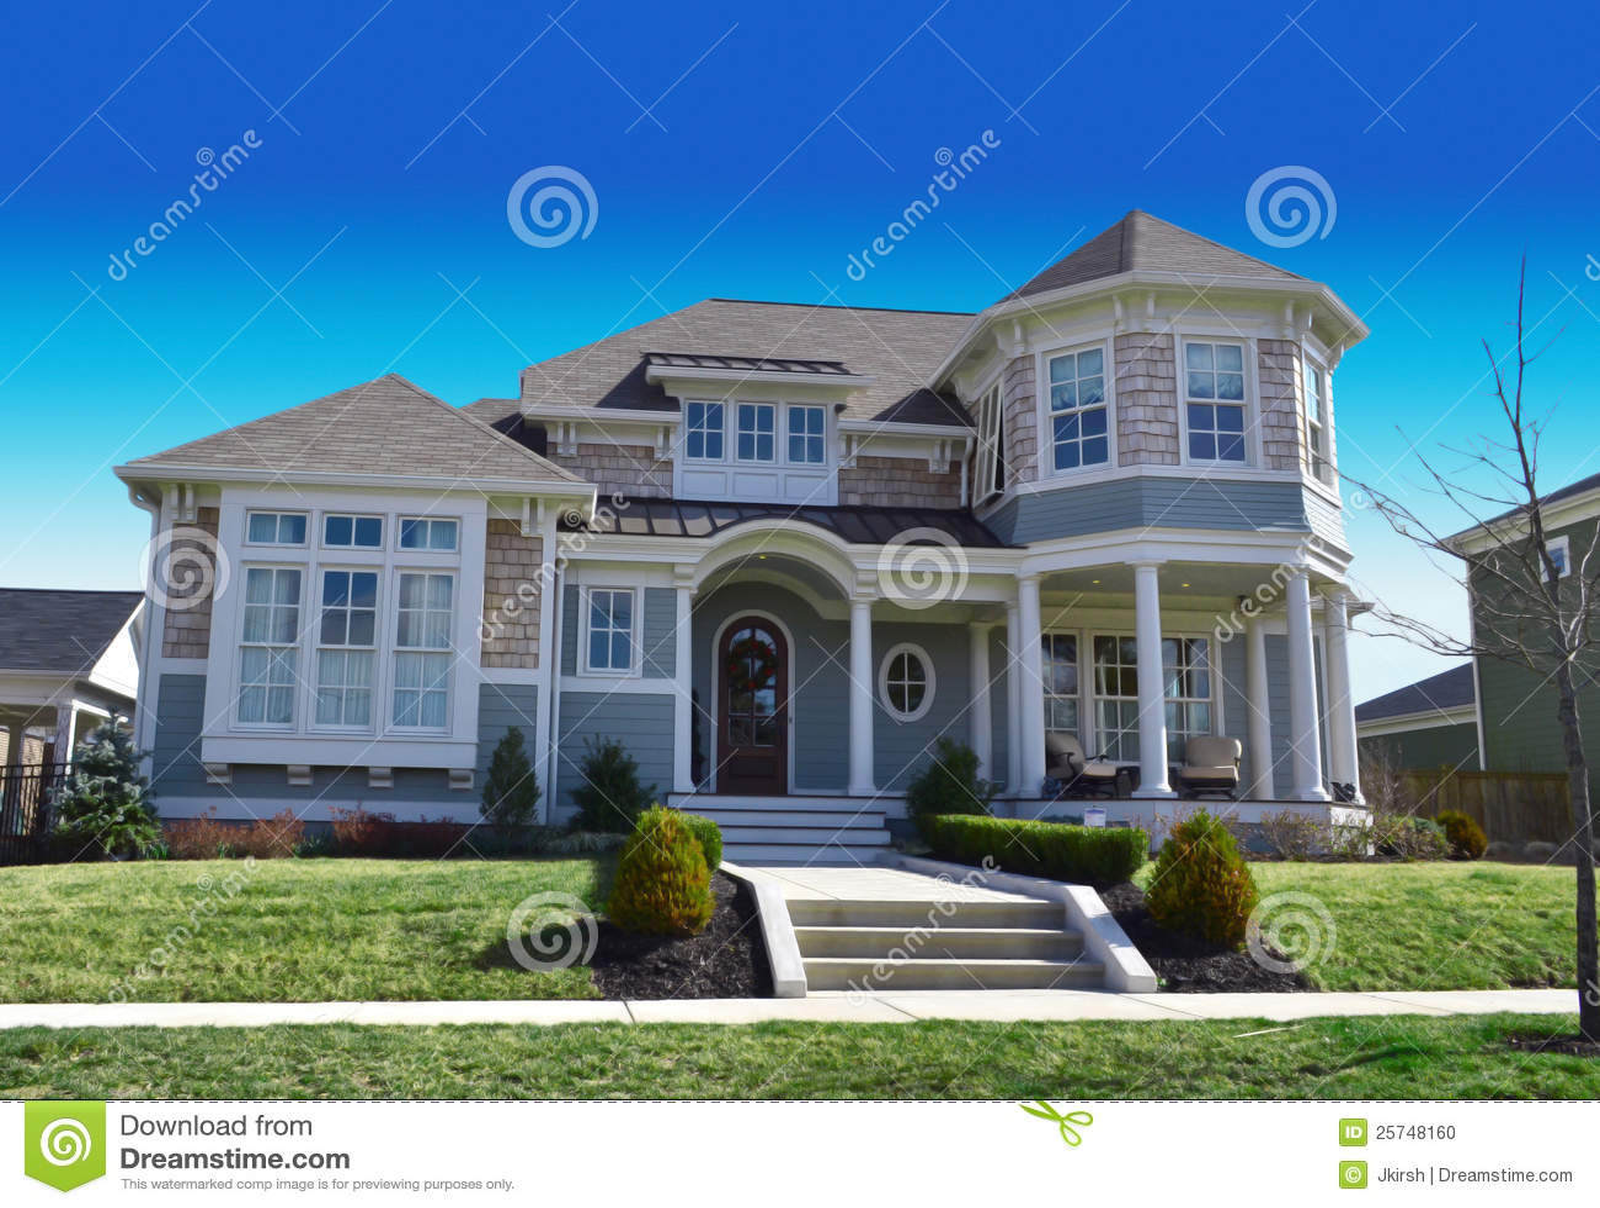 Het huis van de droom van de kabeljauw van de kaap van de stijl van new england stock foto - Huis van het wereldkantoor newport ...